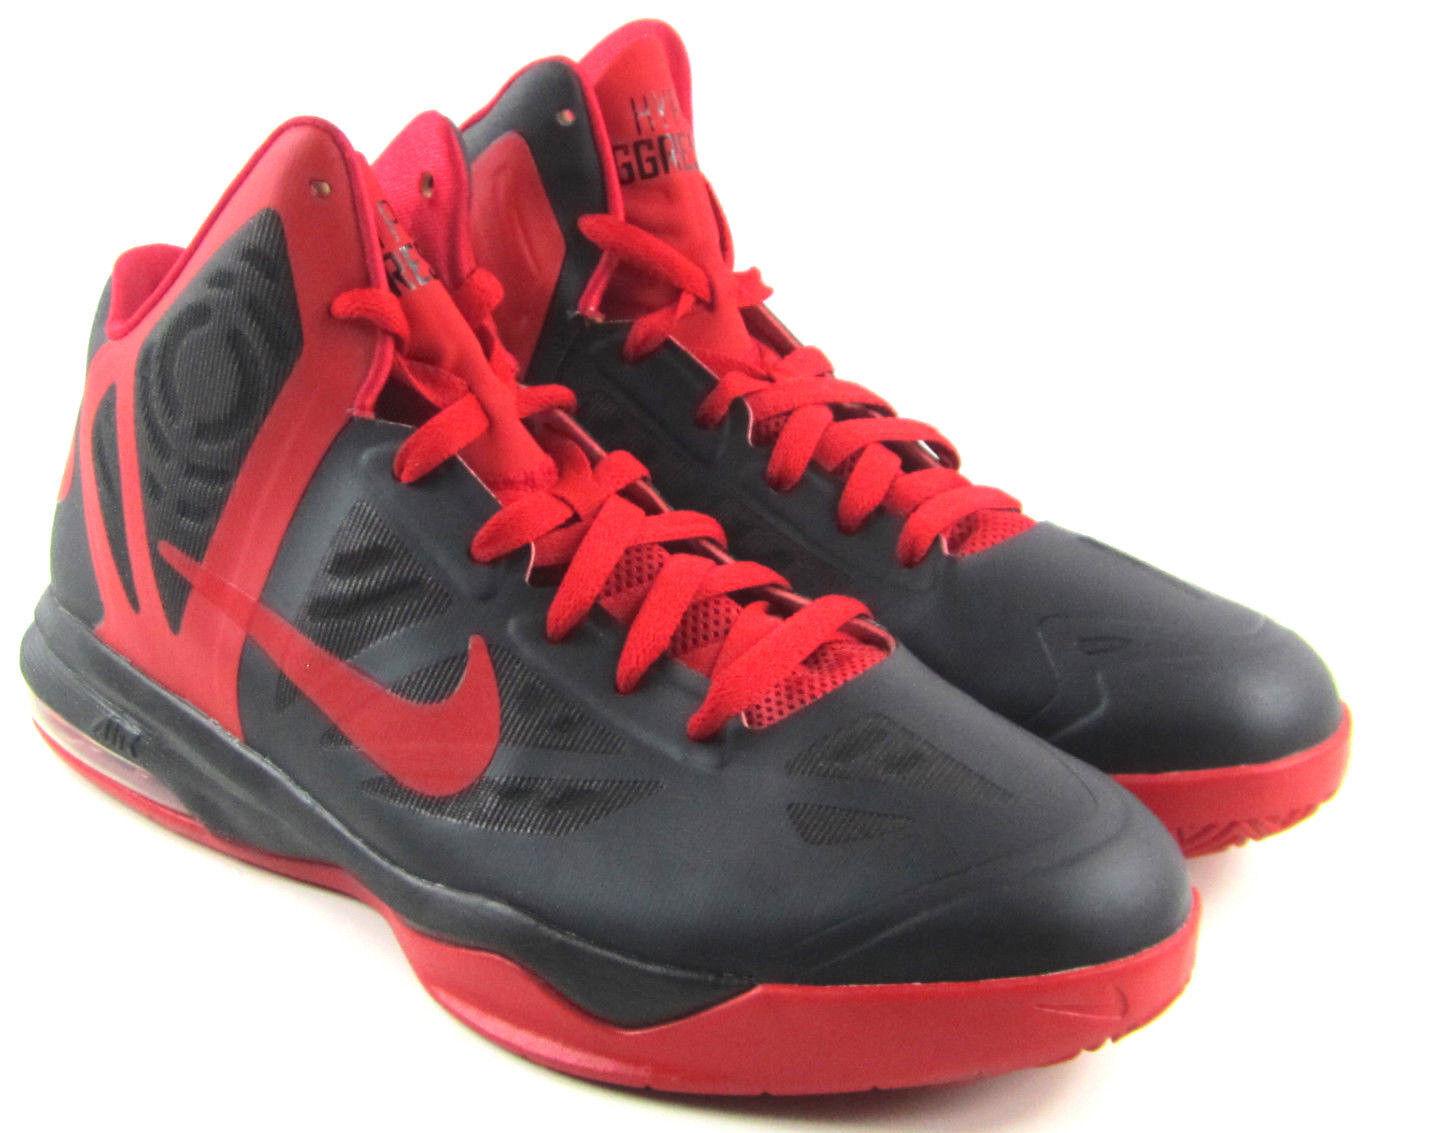 san francisco fafbf bb62e ... spain nike basketball air max hyperaggressor hombre basketball nike  zapatos cómodos zapatos nuevos para hombres y ...